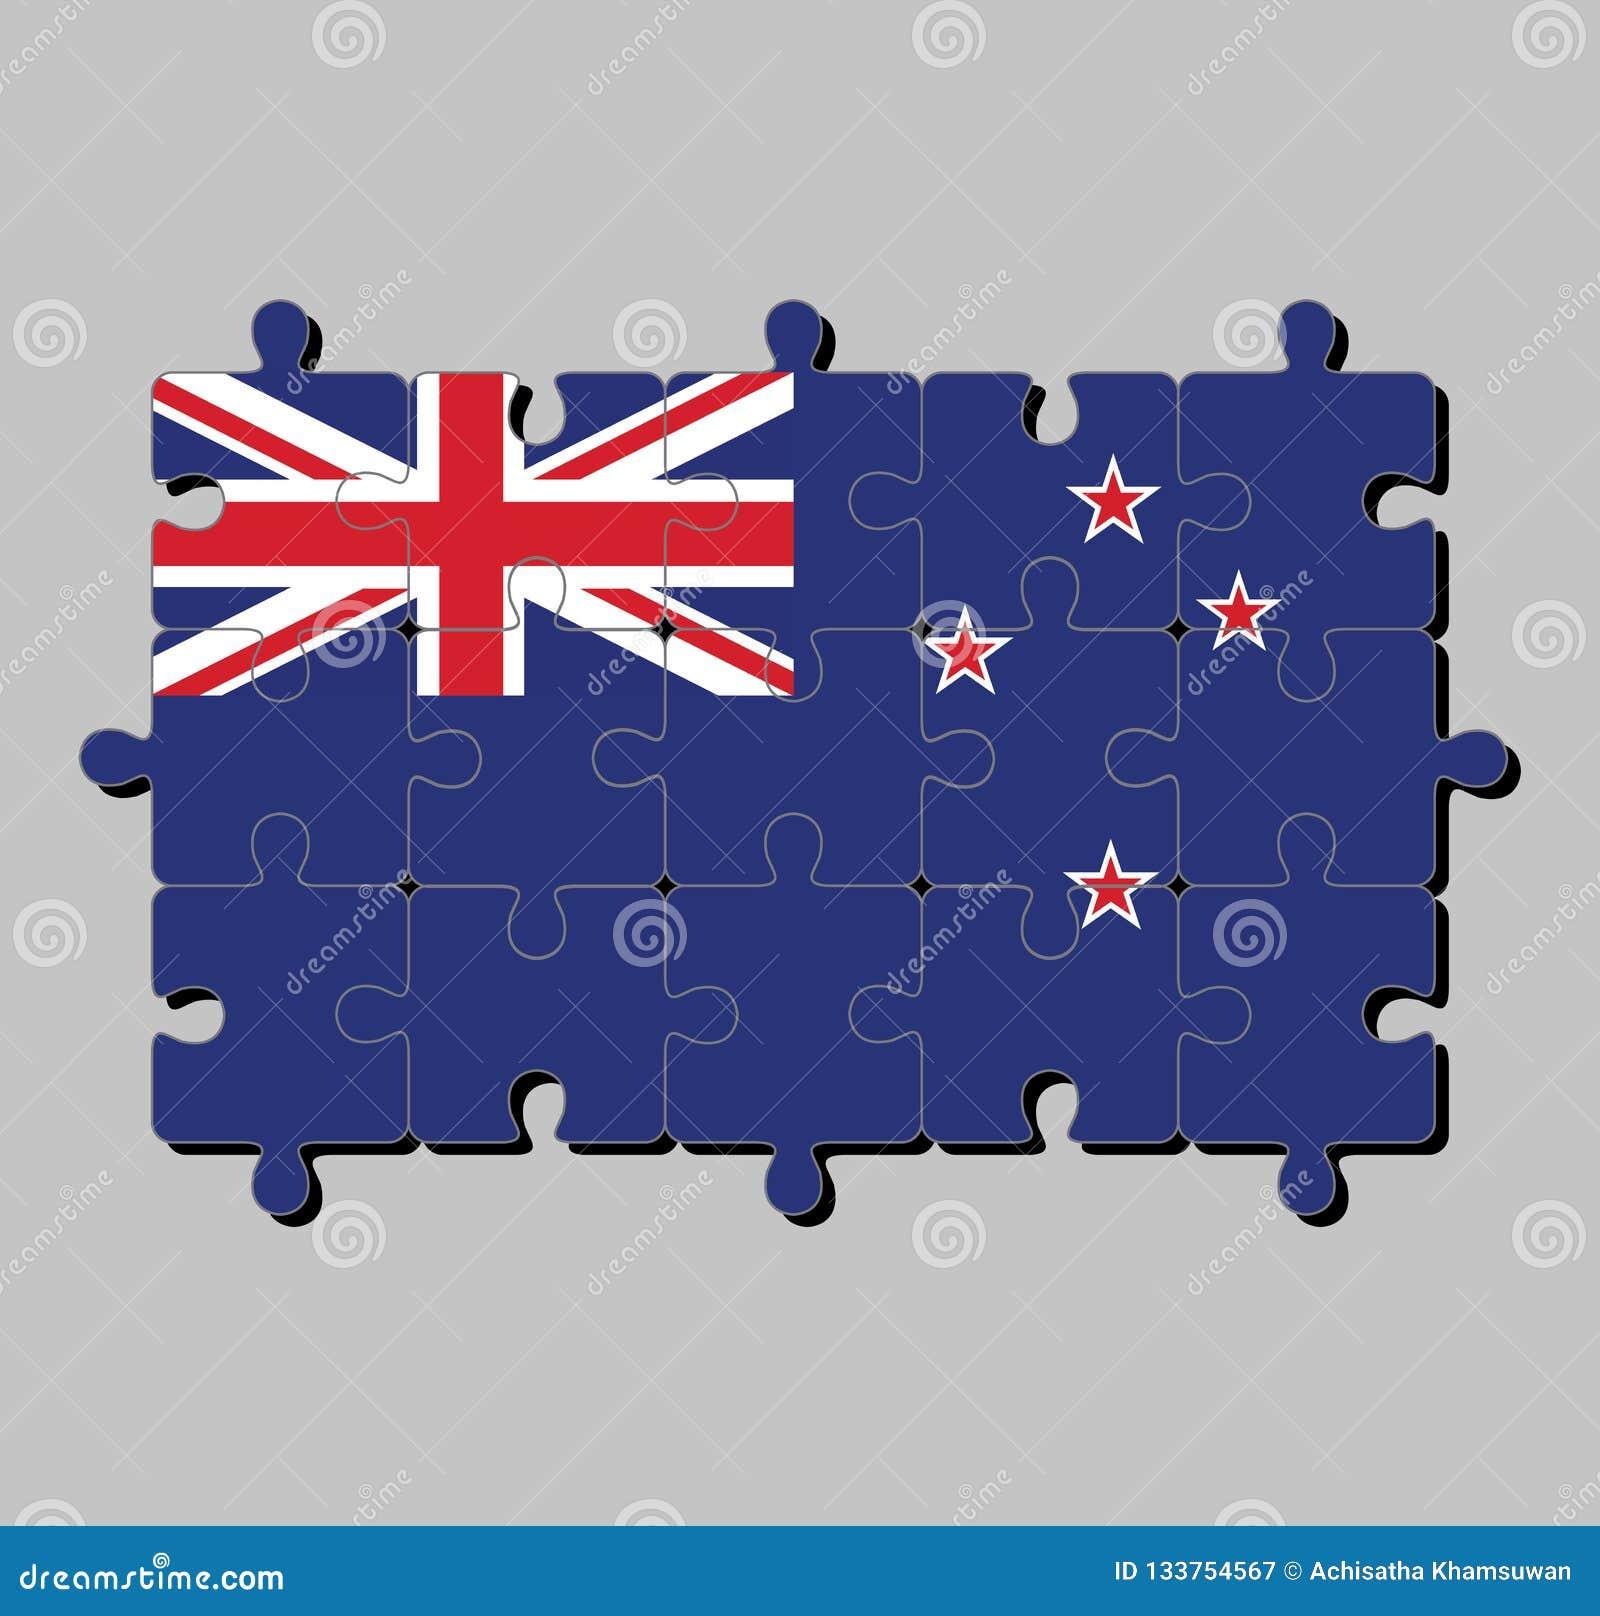 Мозаика флага Новой Зеландии в голубом Ensign с южным крестом 4 звезд